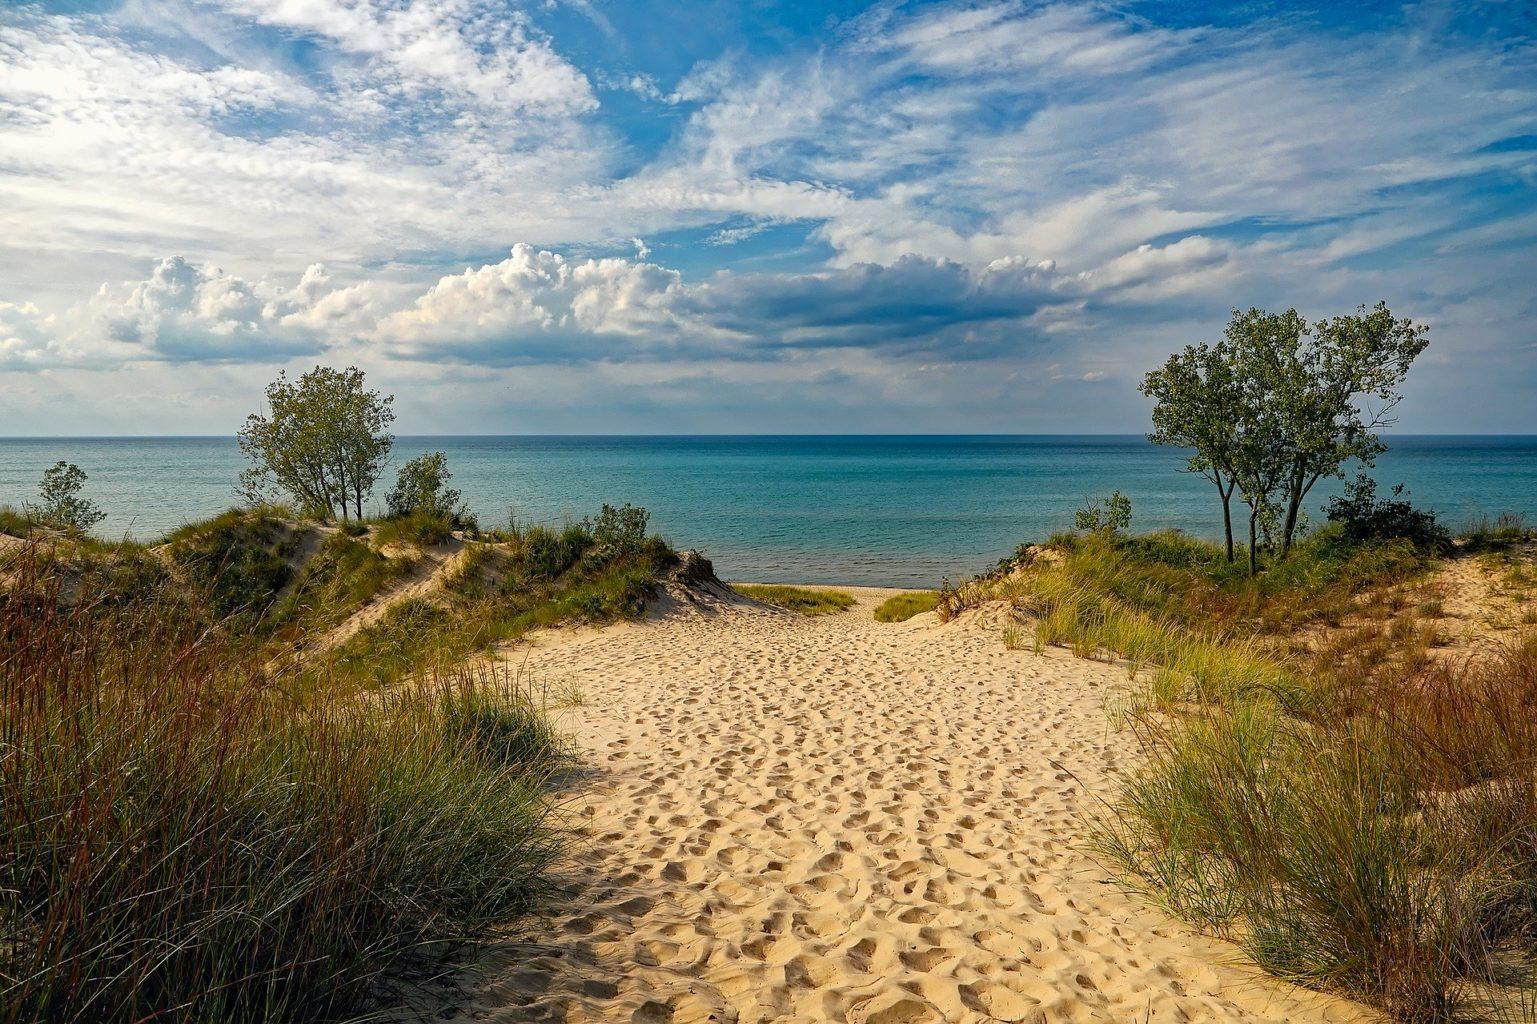 Все пляжи и зоны отдыха Капчагая закроют с 25 июля